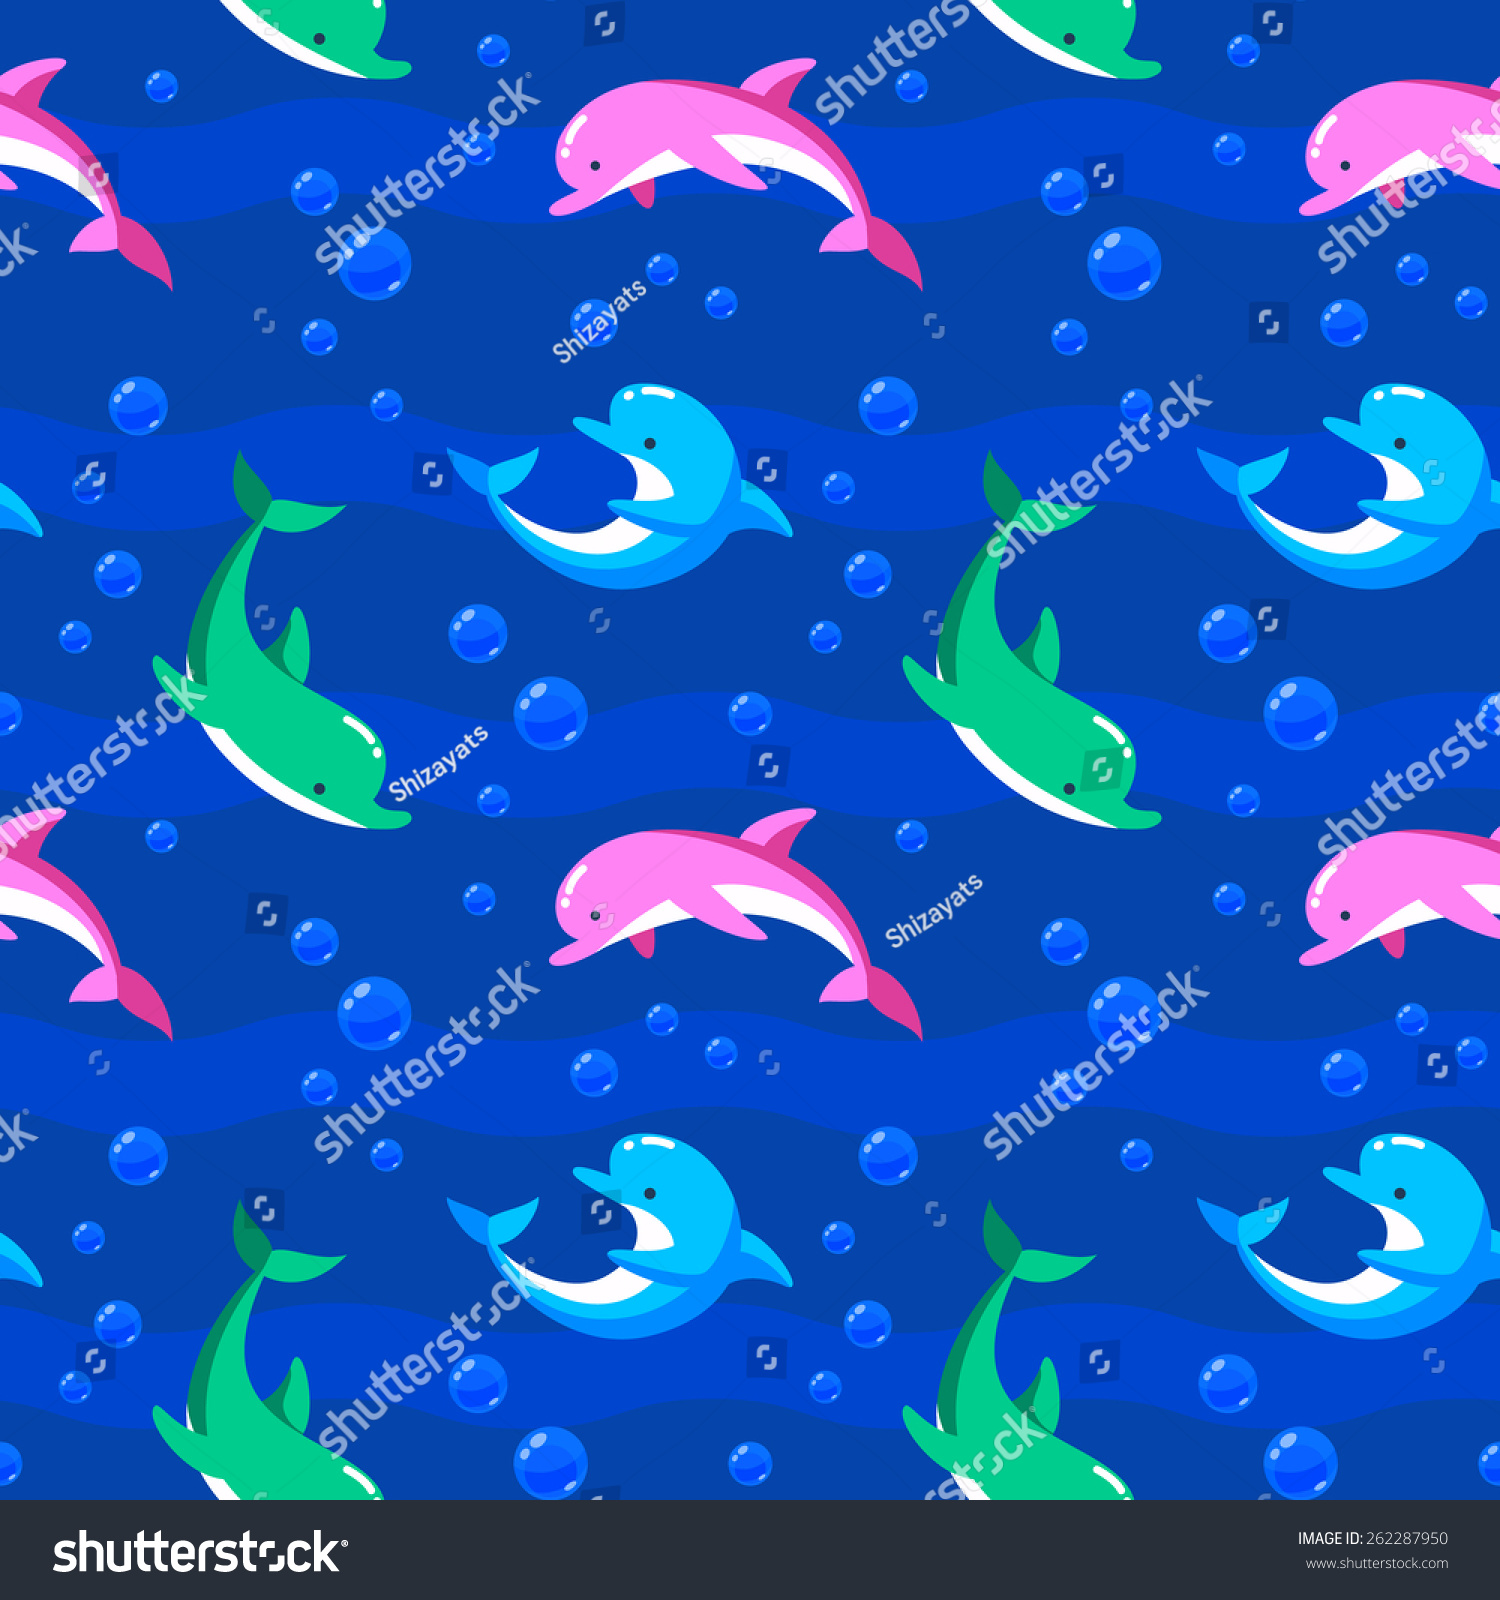 色彩斑斓的海豚在海浪和泡沫.向量无缝模式.